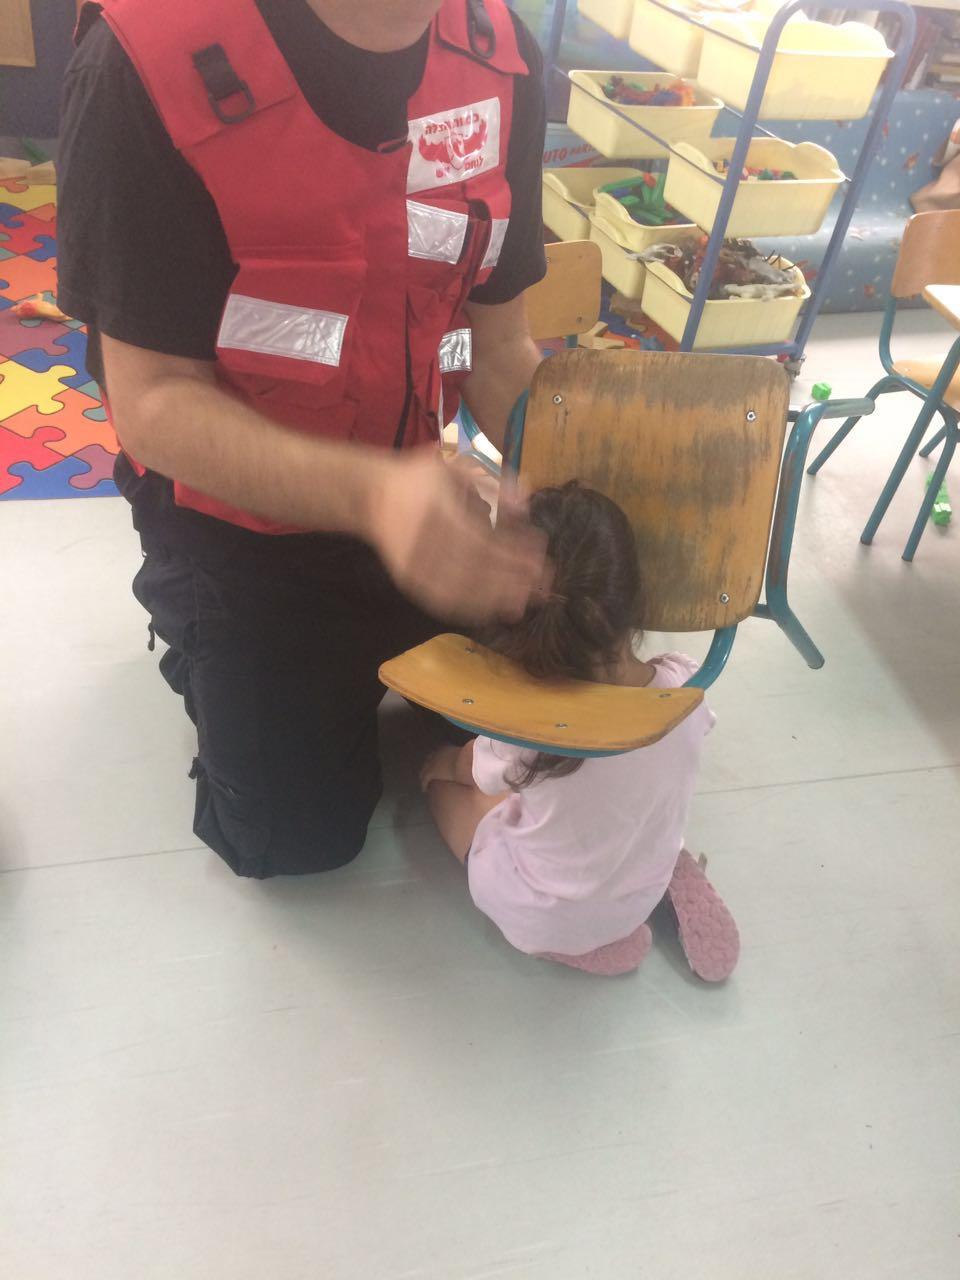 לוחמי האש - חילוץ ילדה בפתח תקווה